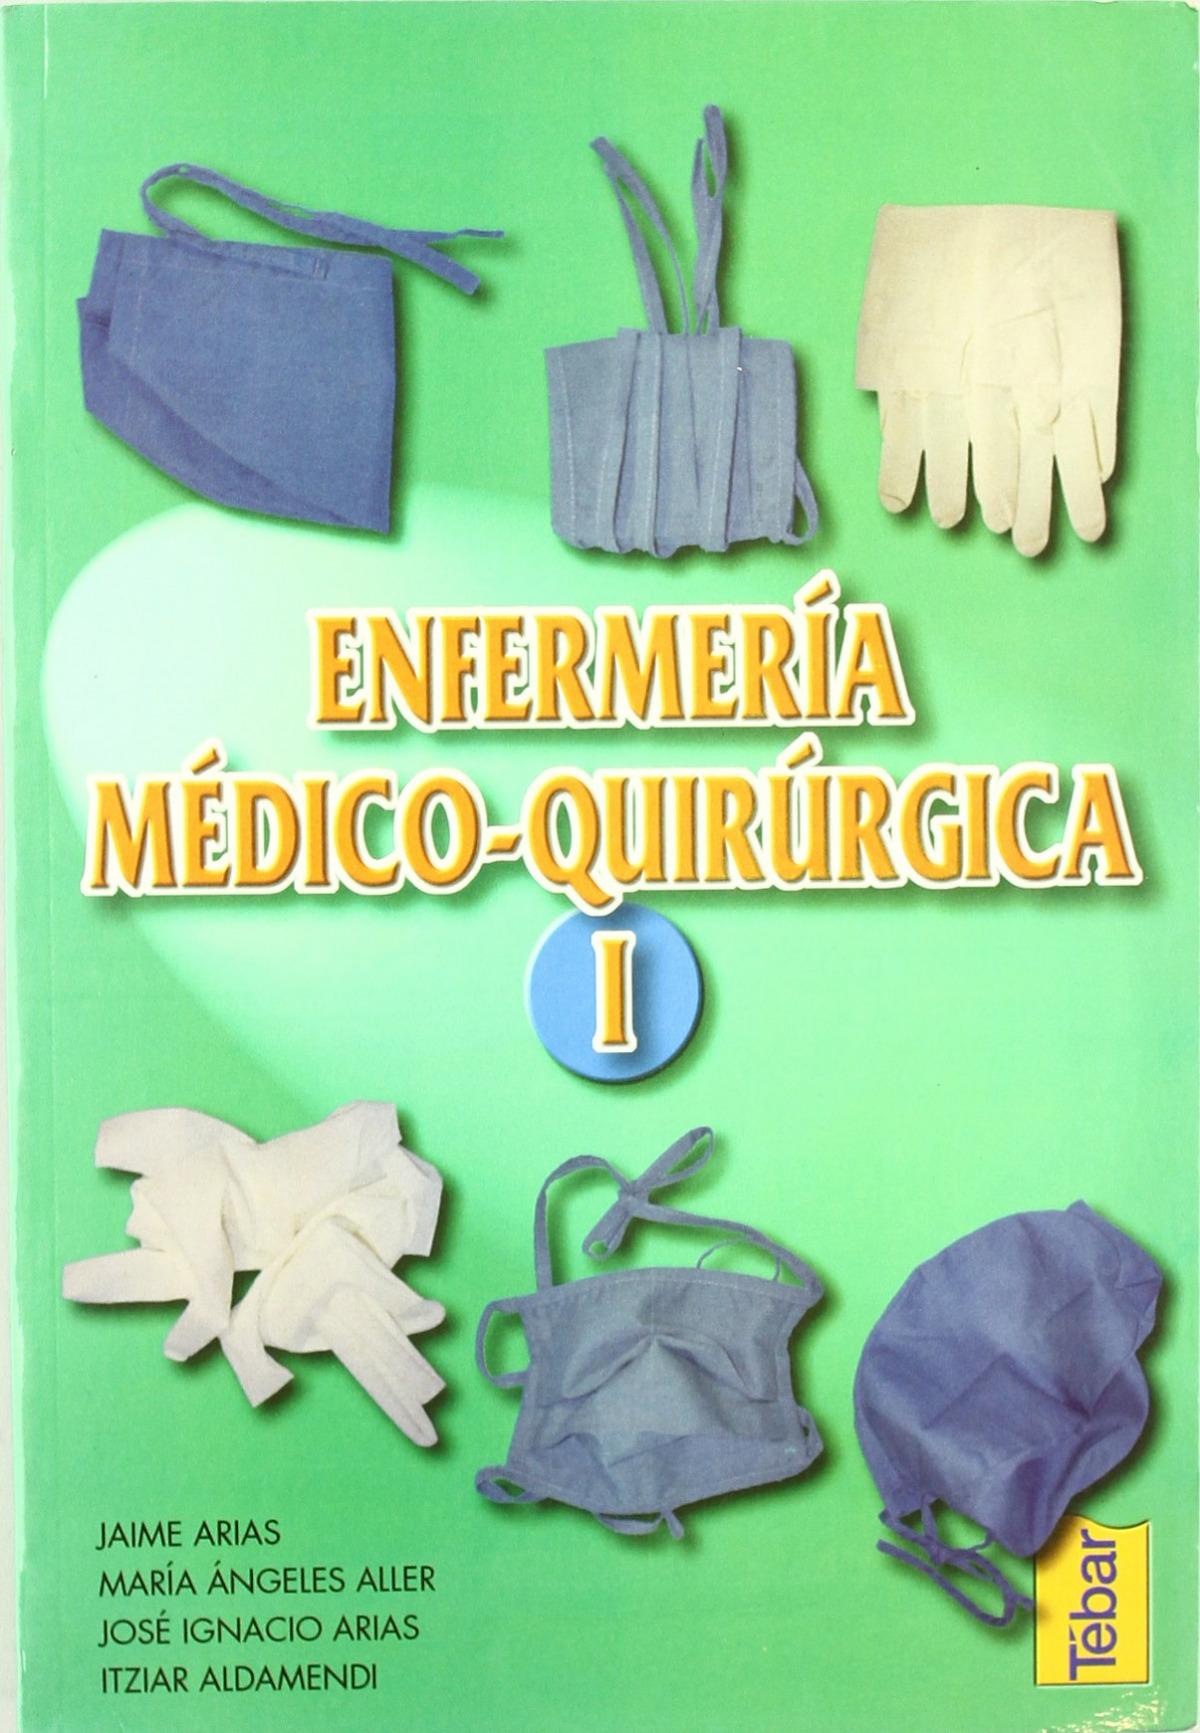 ENFERMERÍA MEDICO QUIRÚRGICA. TOMO I